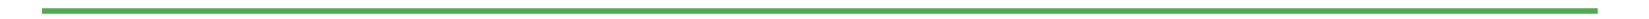 Networks_e-mailer_April-10.jpg?v=1583930926613